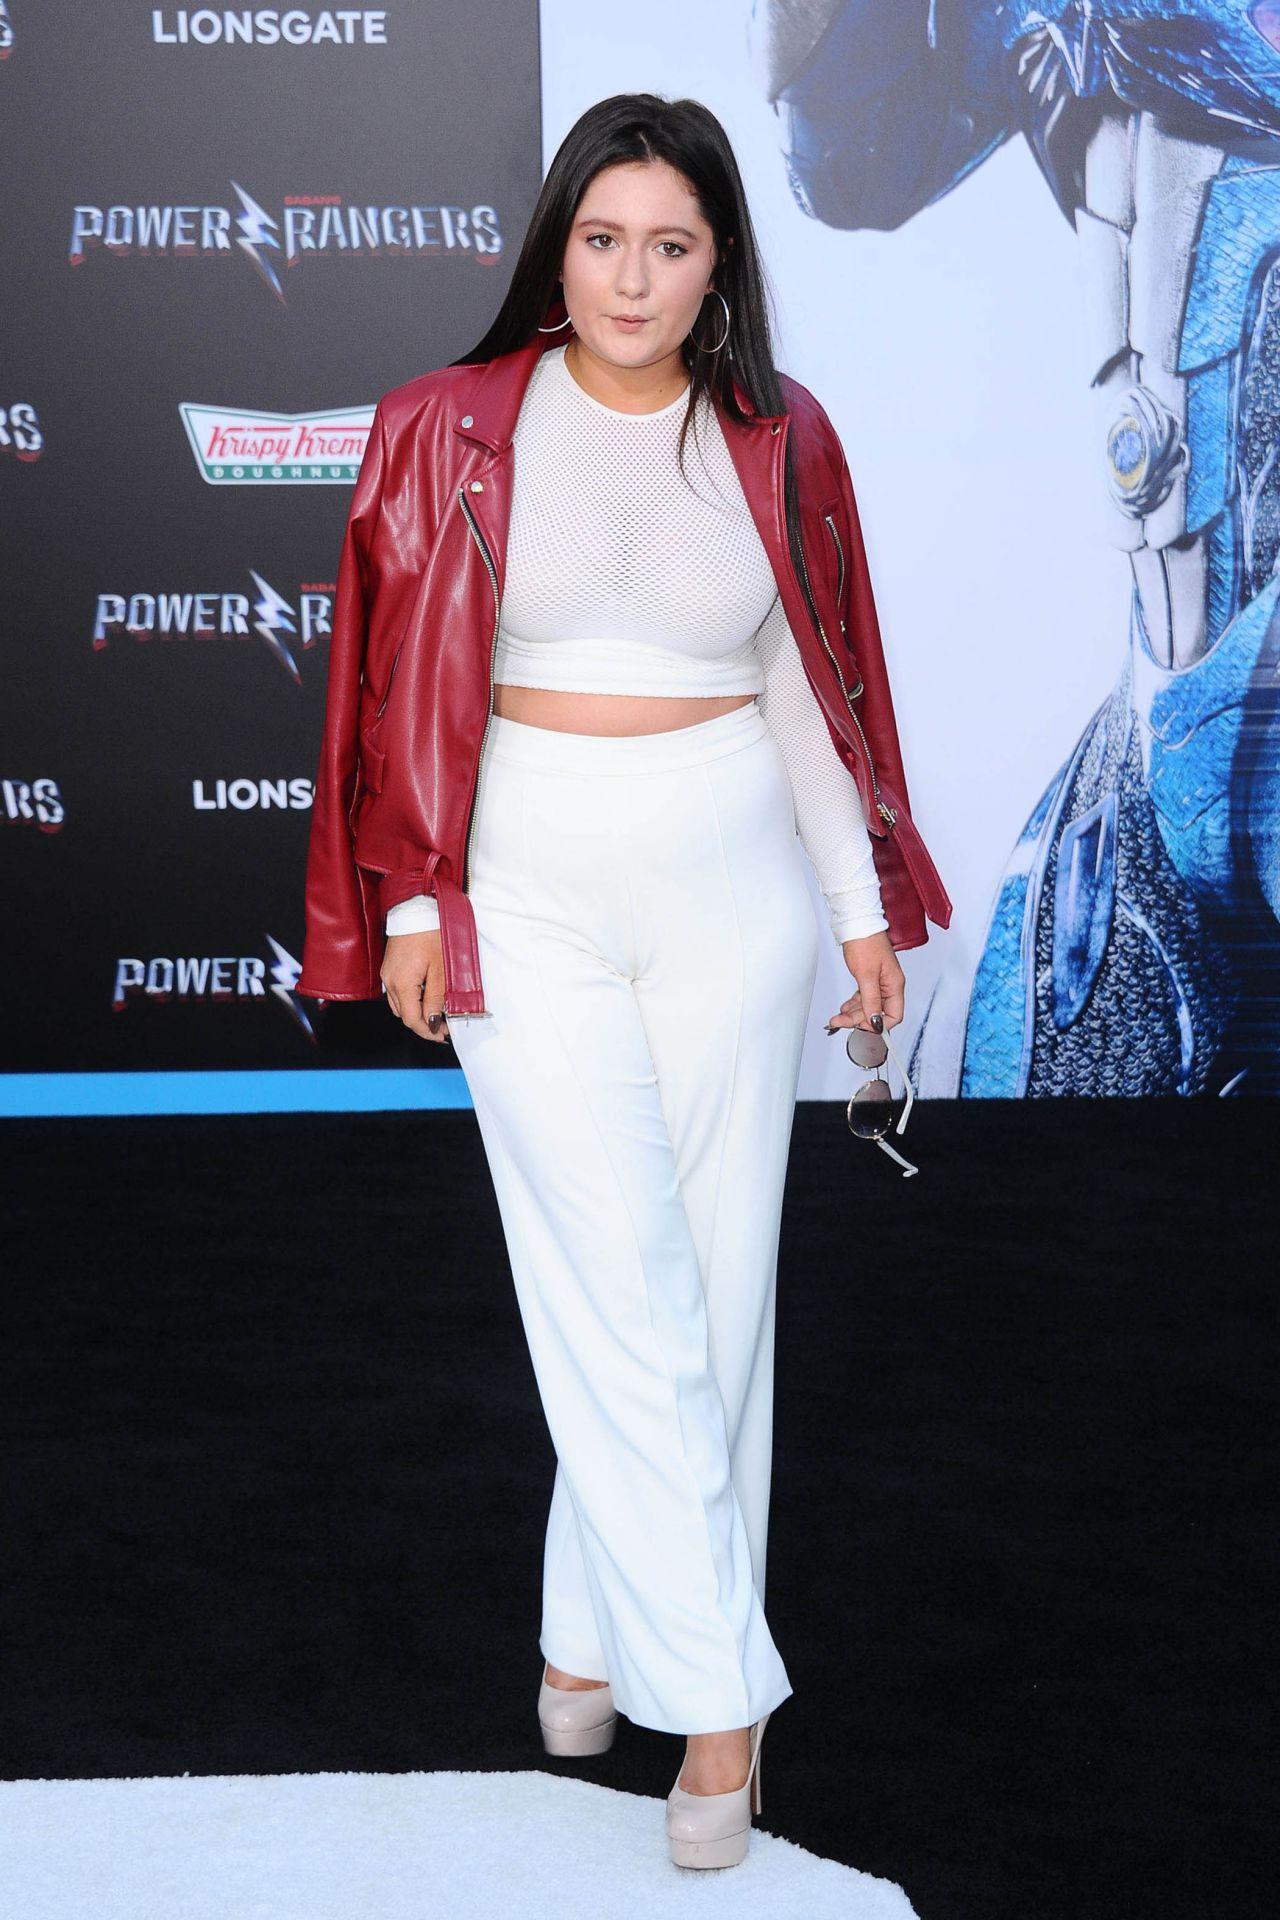 Emma Kenney Power Rangers Premiere In Los Angeles 322